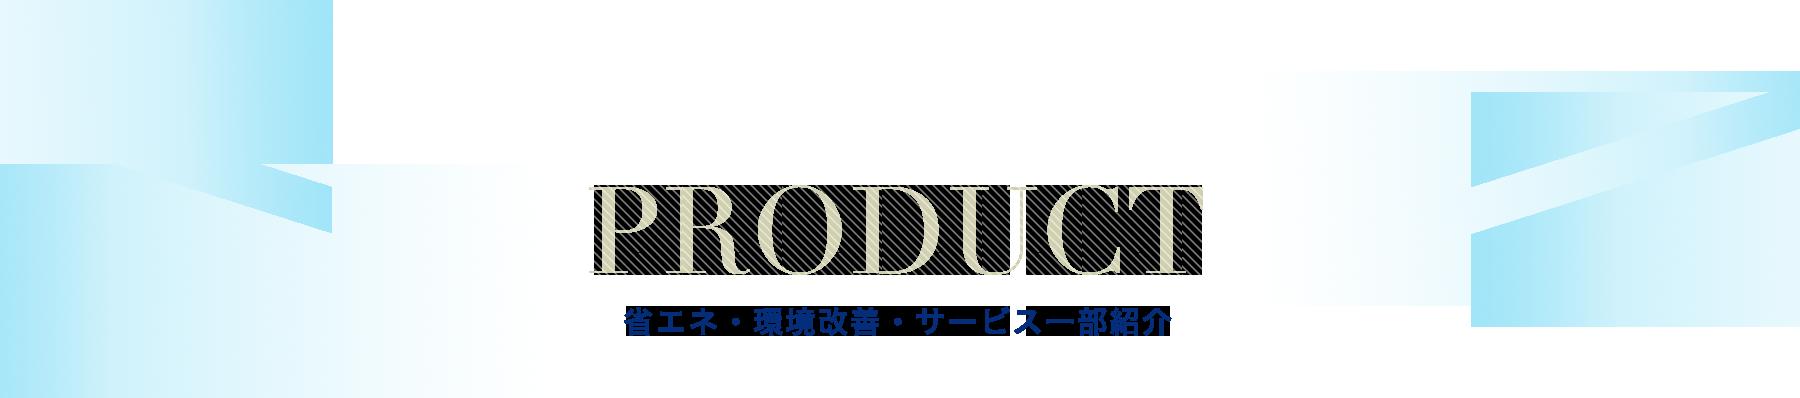 PRODUCTセクションのタイトル